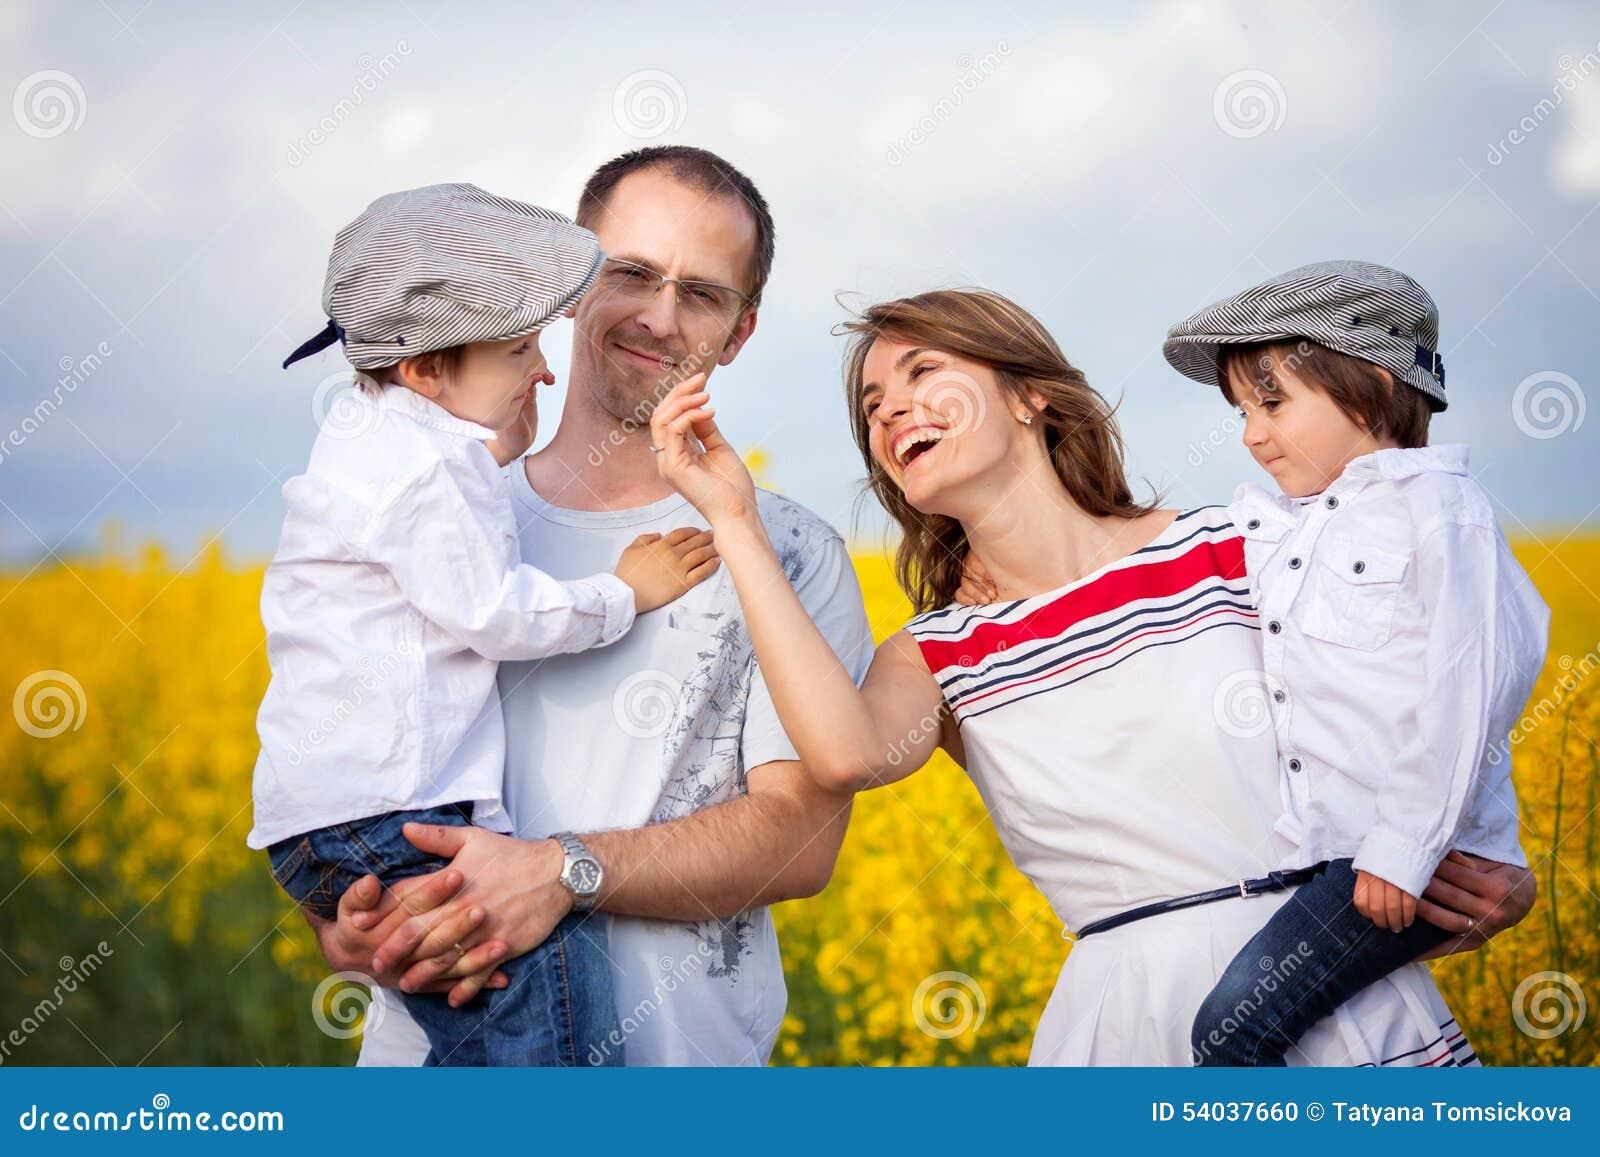 Família de quatro pessoas, mãe, pai e dois meninos, em uma violação de semente oleaginosa f